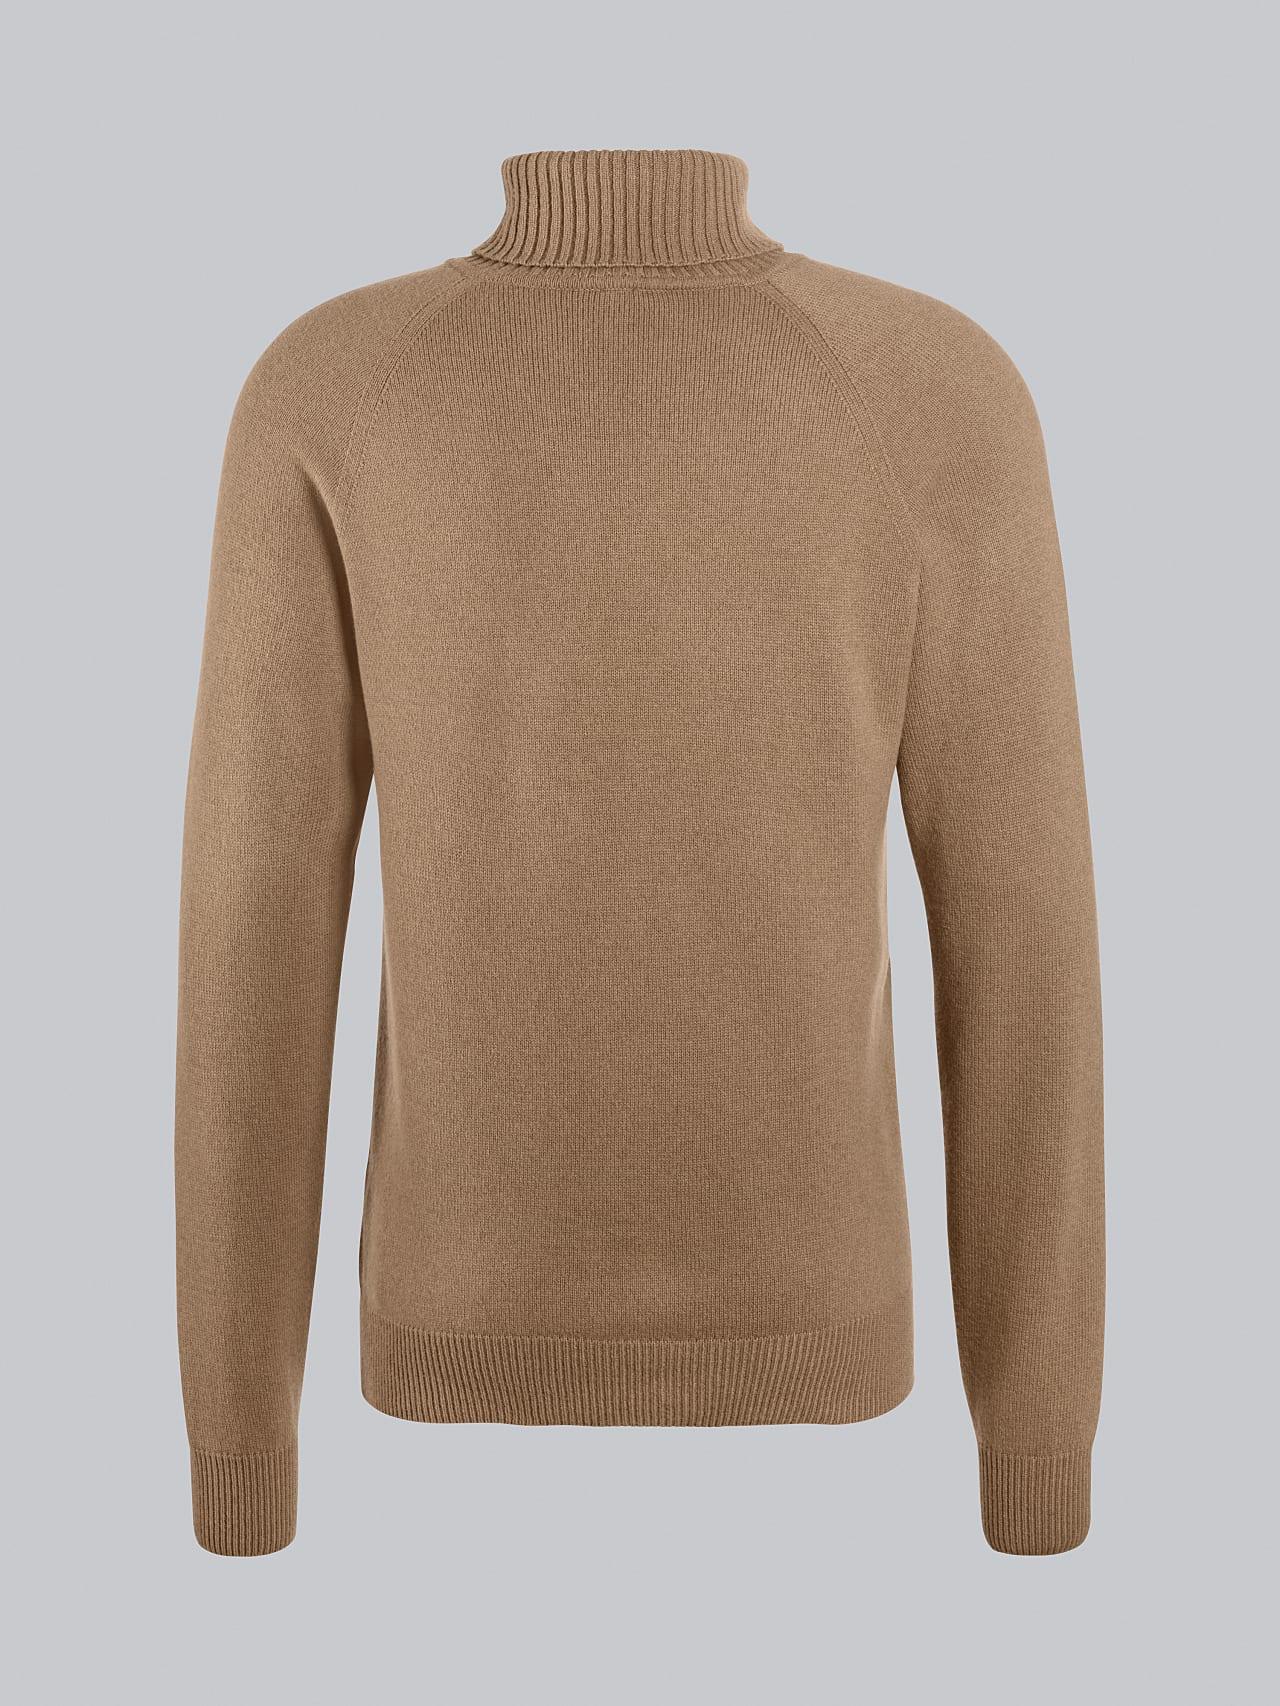 FLUCK V2.Y5.02 Seamless 3D Knit Cashmere-Blend Turtle Neck gold Left Alpha Tauri